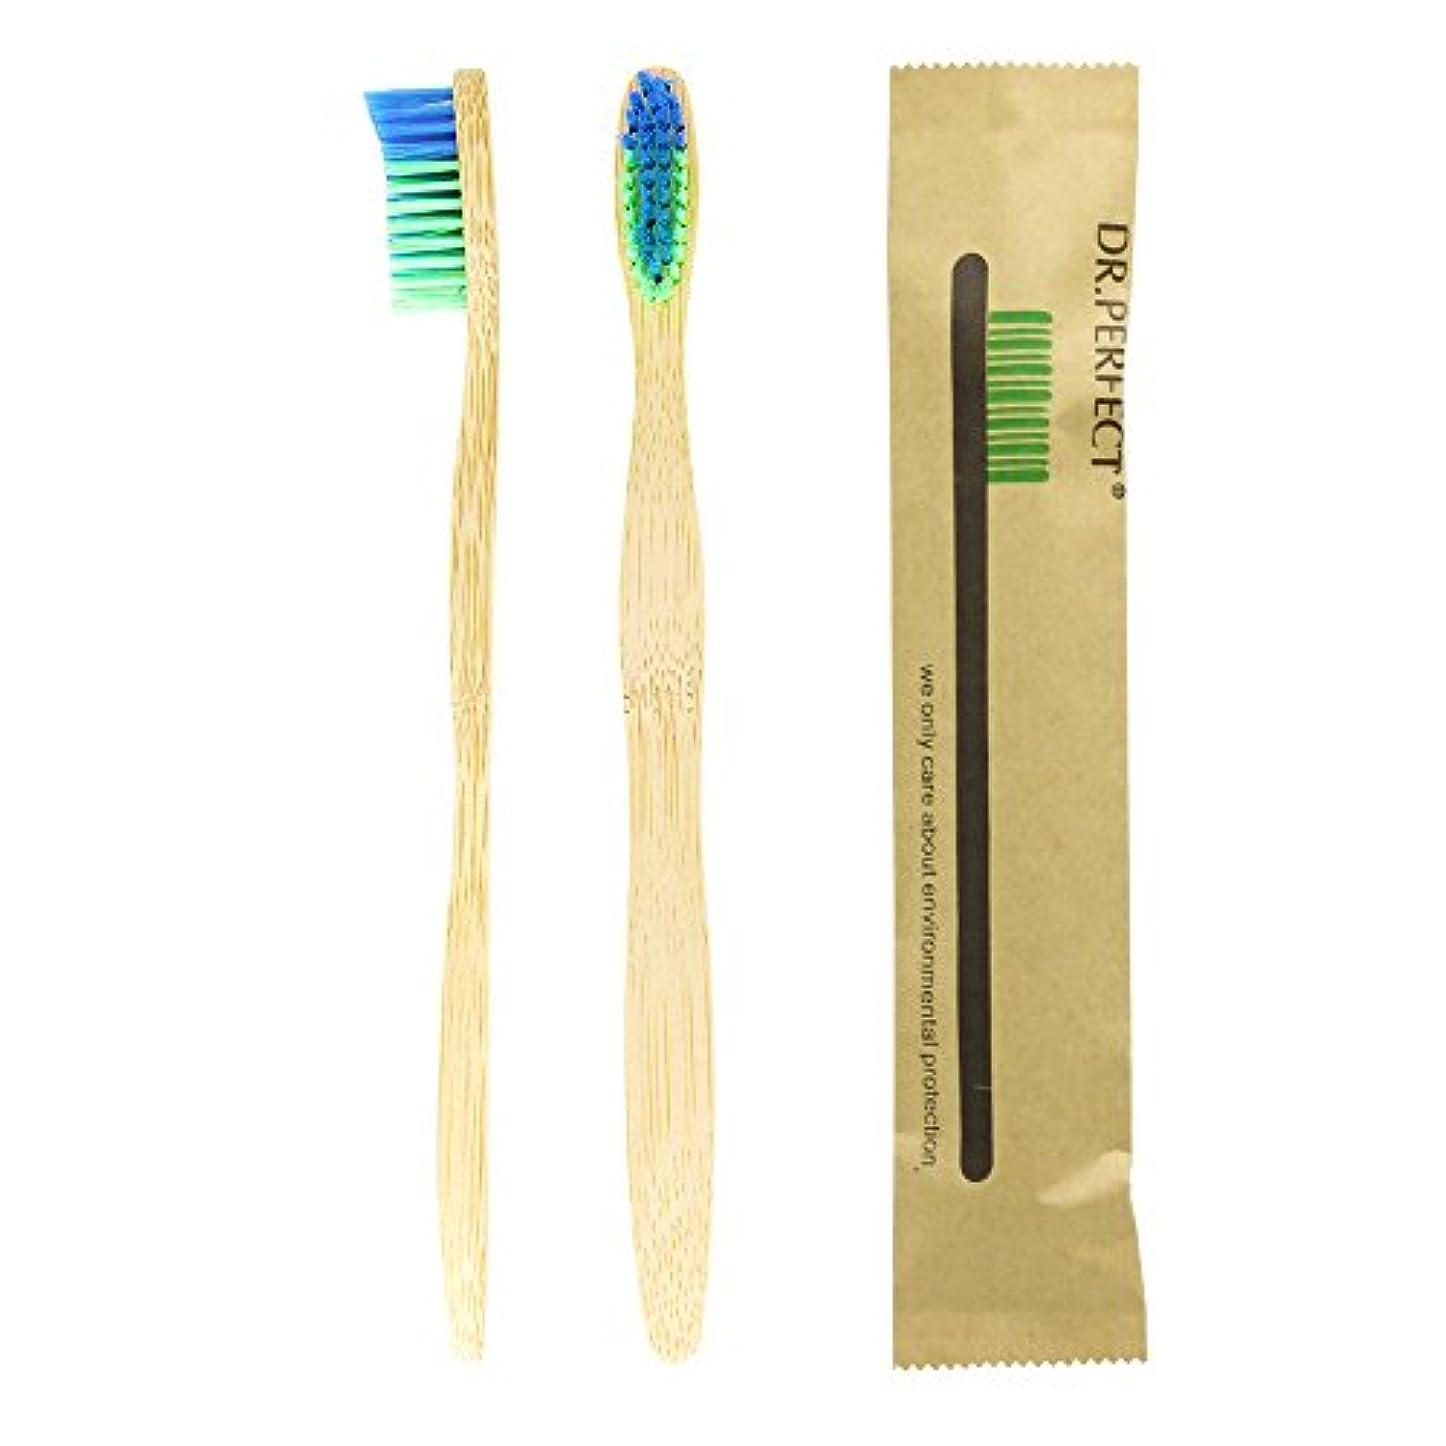 泳ぐ最も遠い気体のDr.Perfect 歯ブラシアダルト竹の歯ブラシ ナイロン毛